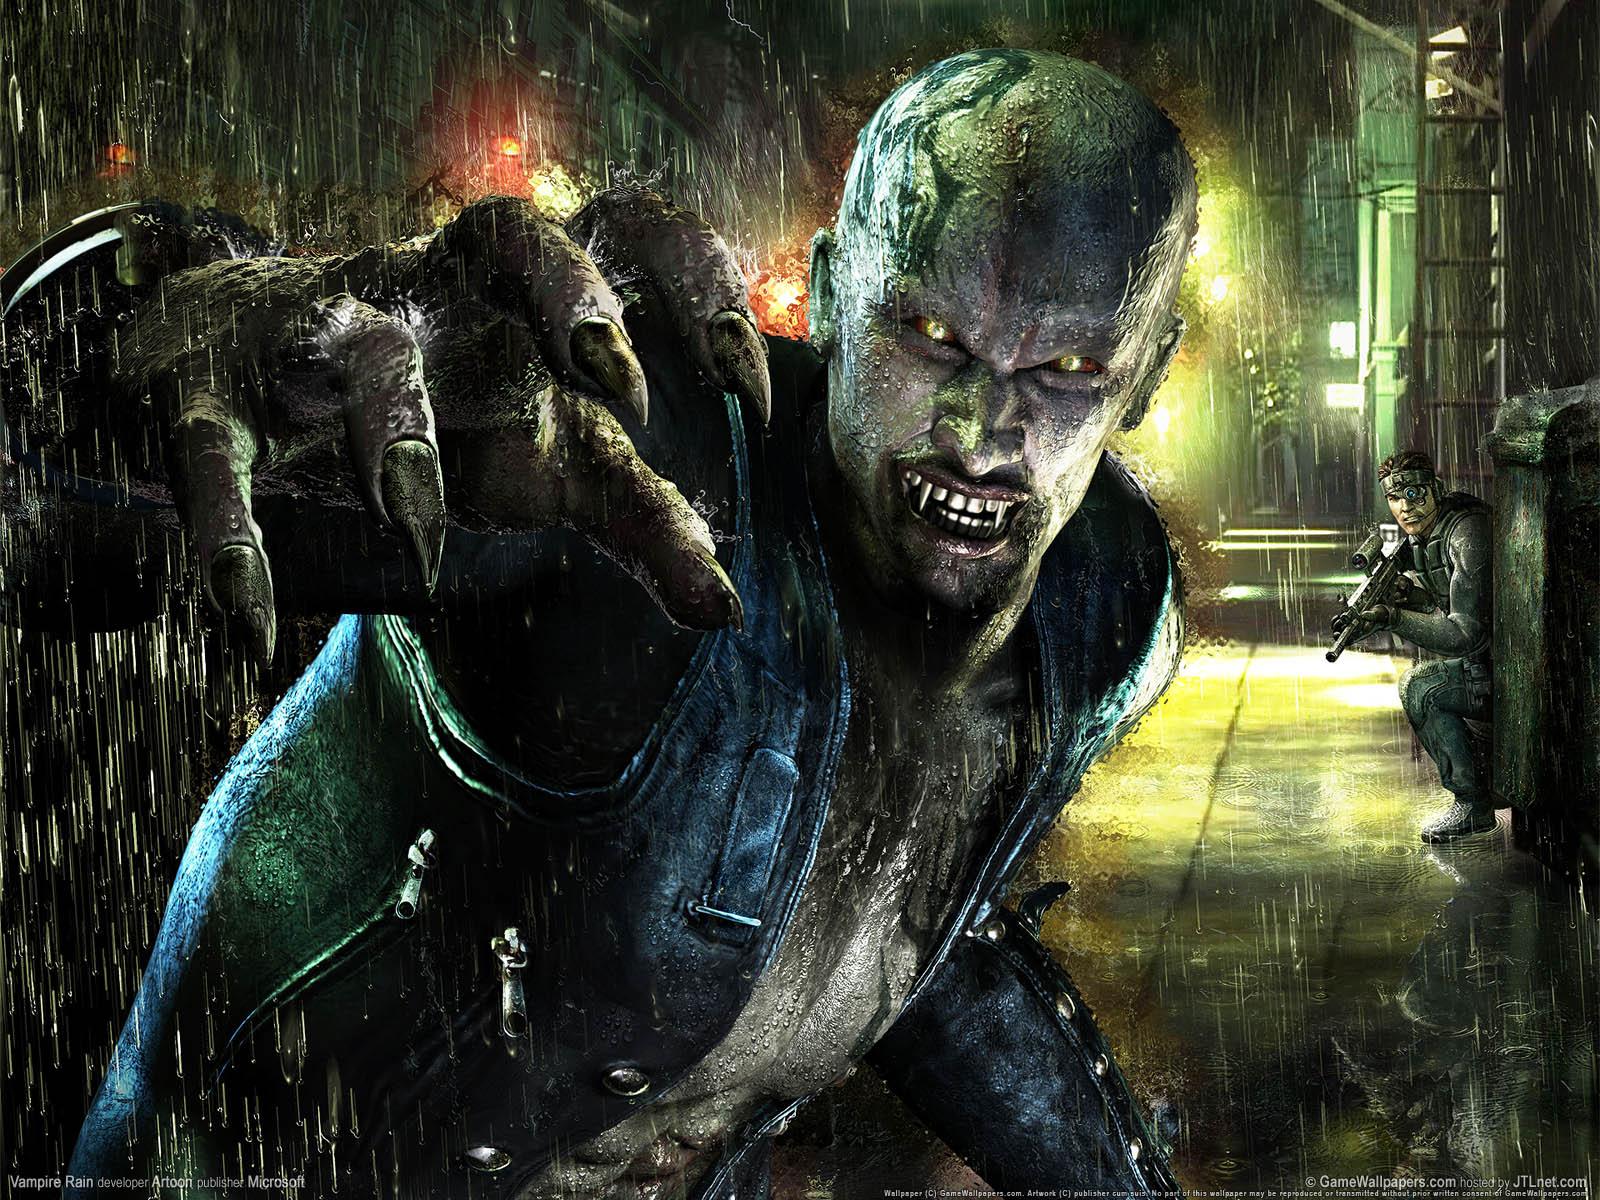 Vampire Rainνmmer=01 achtergrond  1600x1200